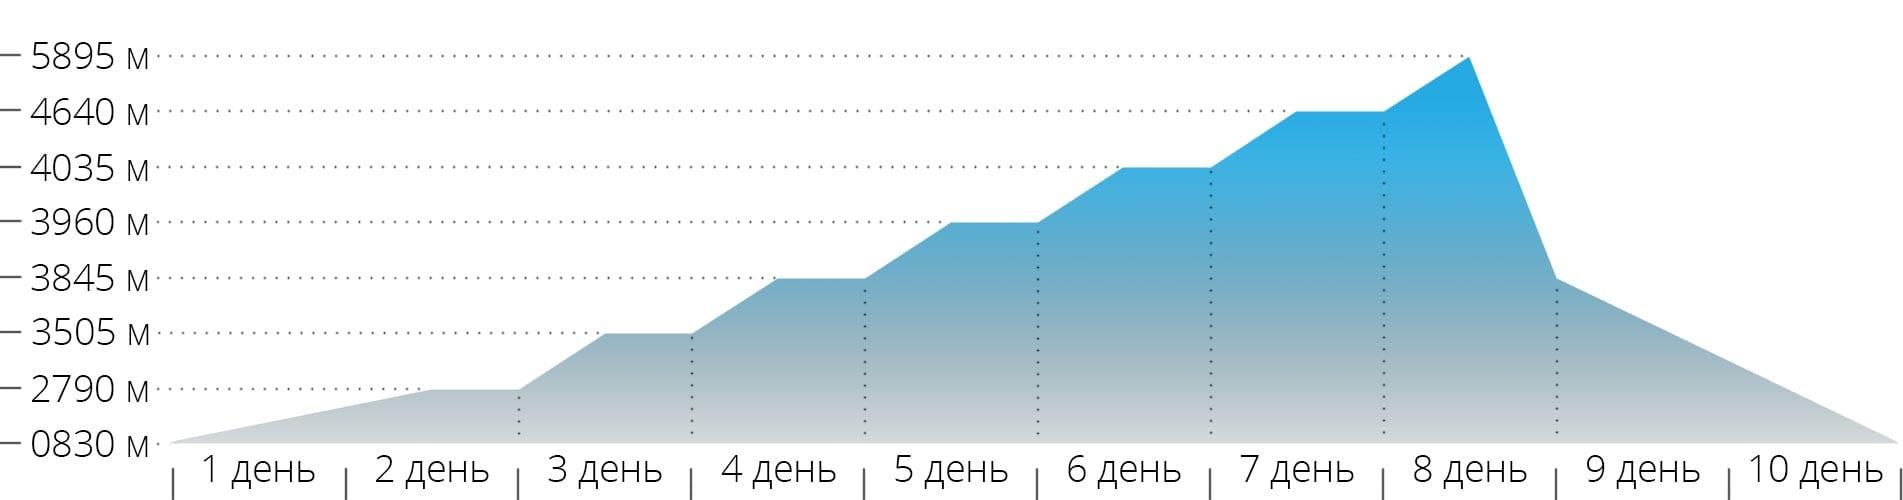 График с высотами для восхождения на гору Килиманджаро по маршруту Лемошо